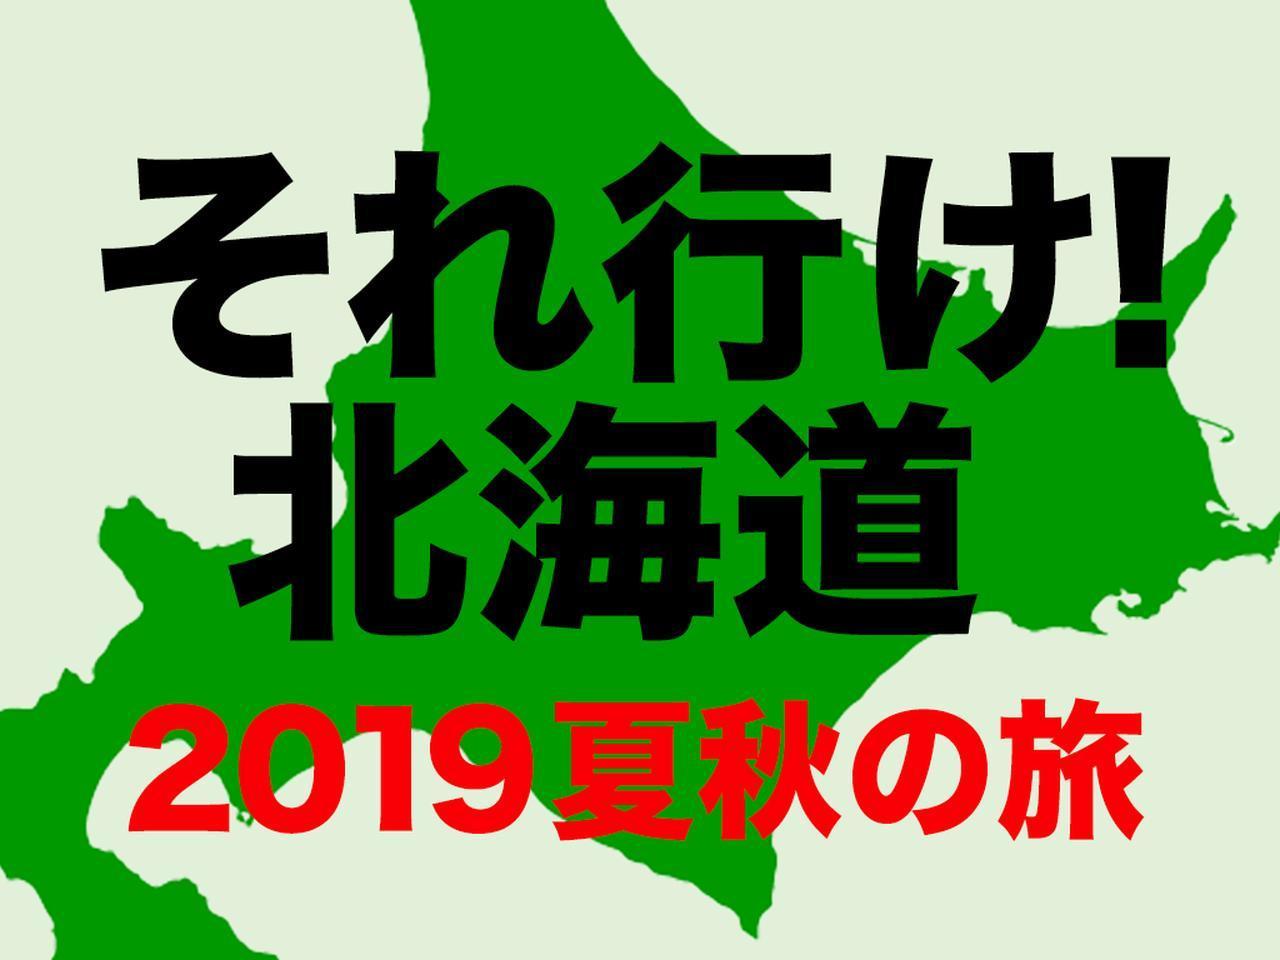 画像: 【それ行け! 北海道】ゴルフダイジェストの北海道ゴルフツアー、一覧はこちら。最高のコースが待っています! - ゴルフへ行こうWEB by ゴルフダイジェスト